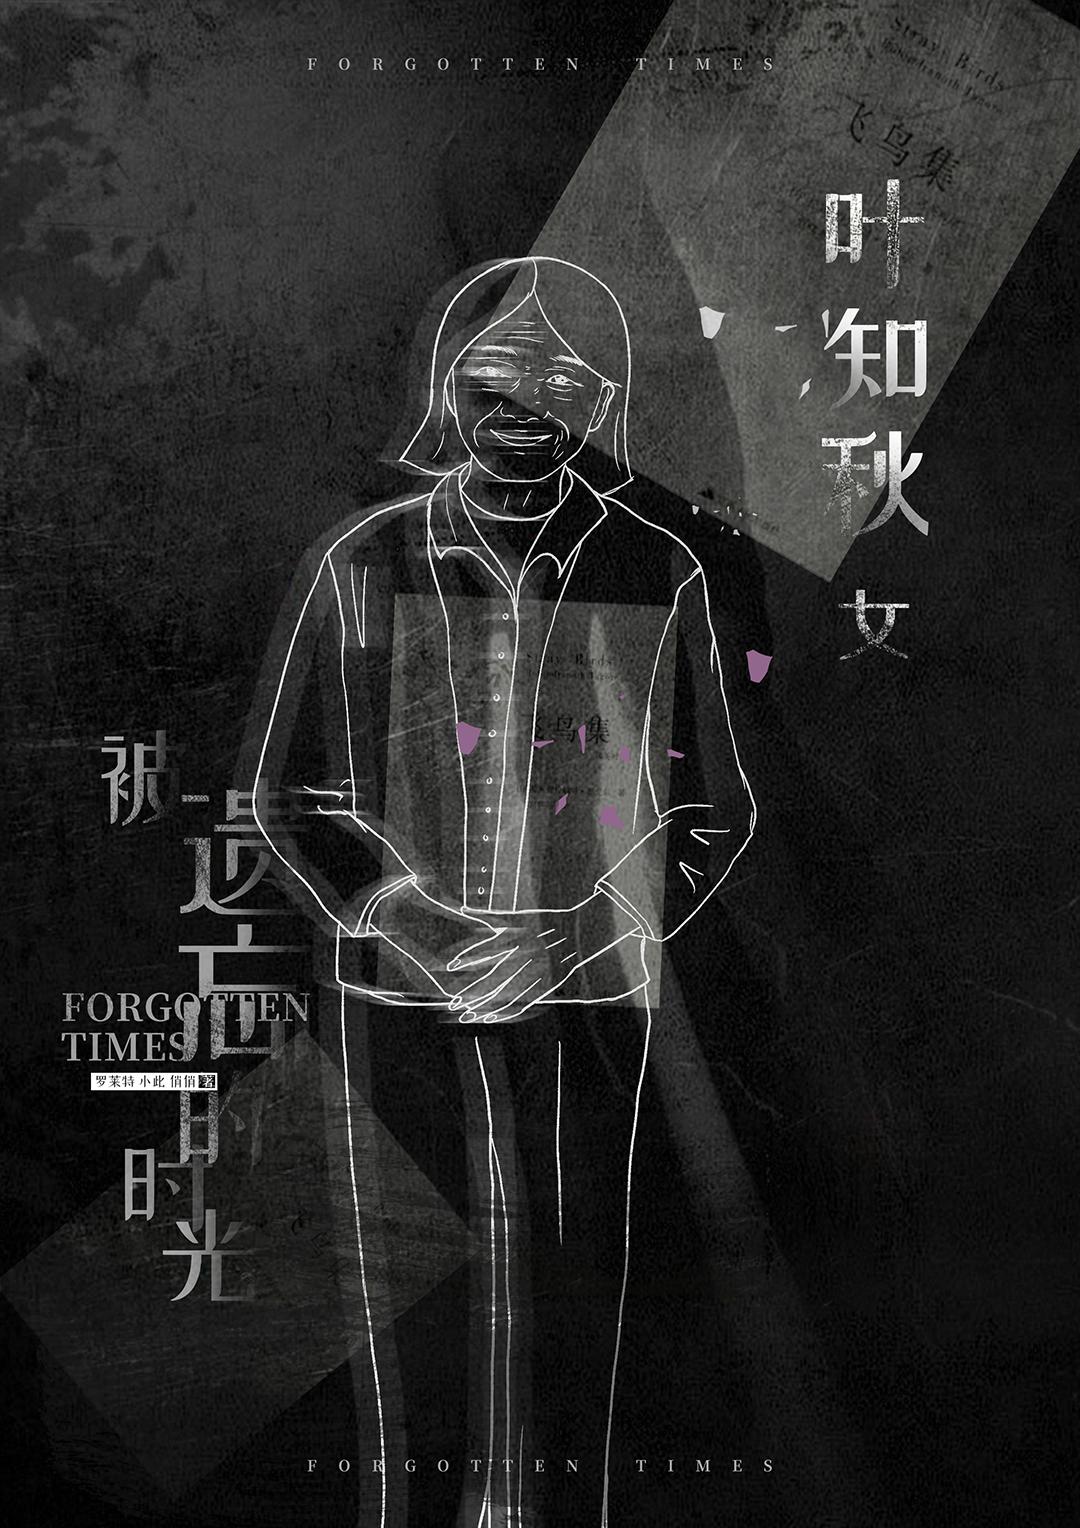 『被遗忘的时光』剧本杀复盘解析/答案/凶手是谁